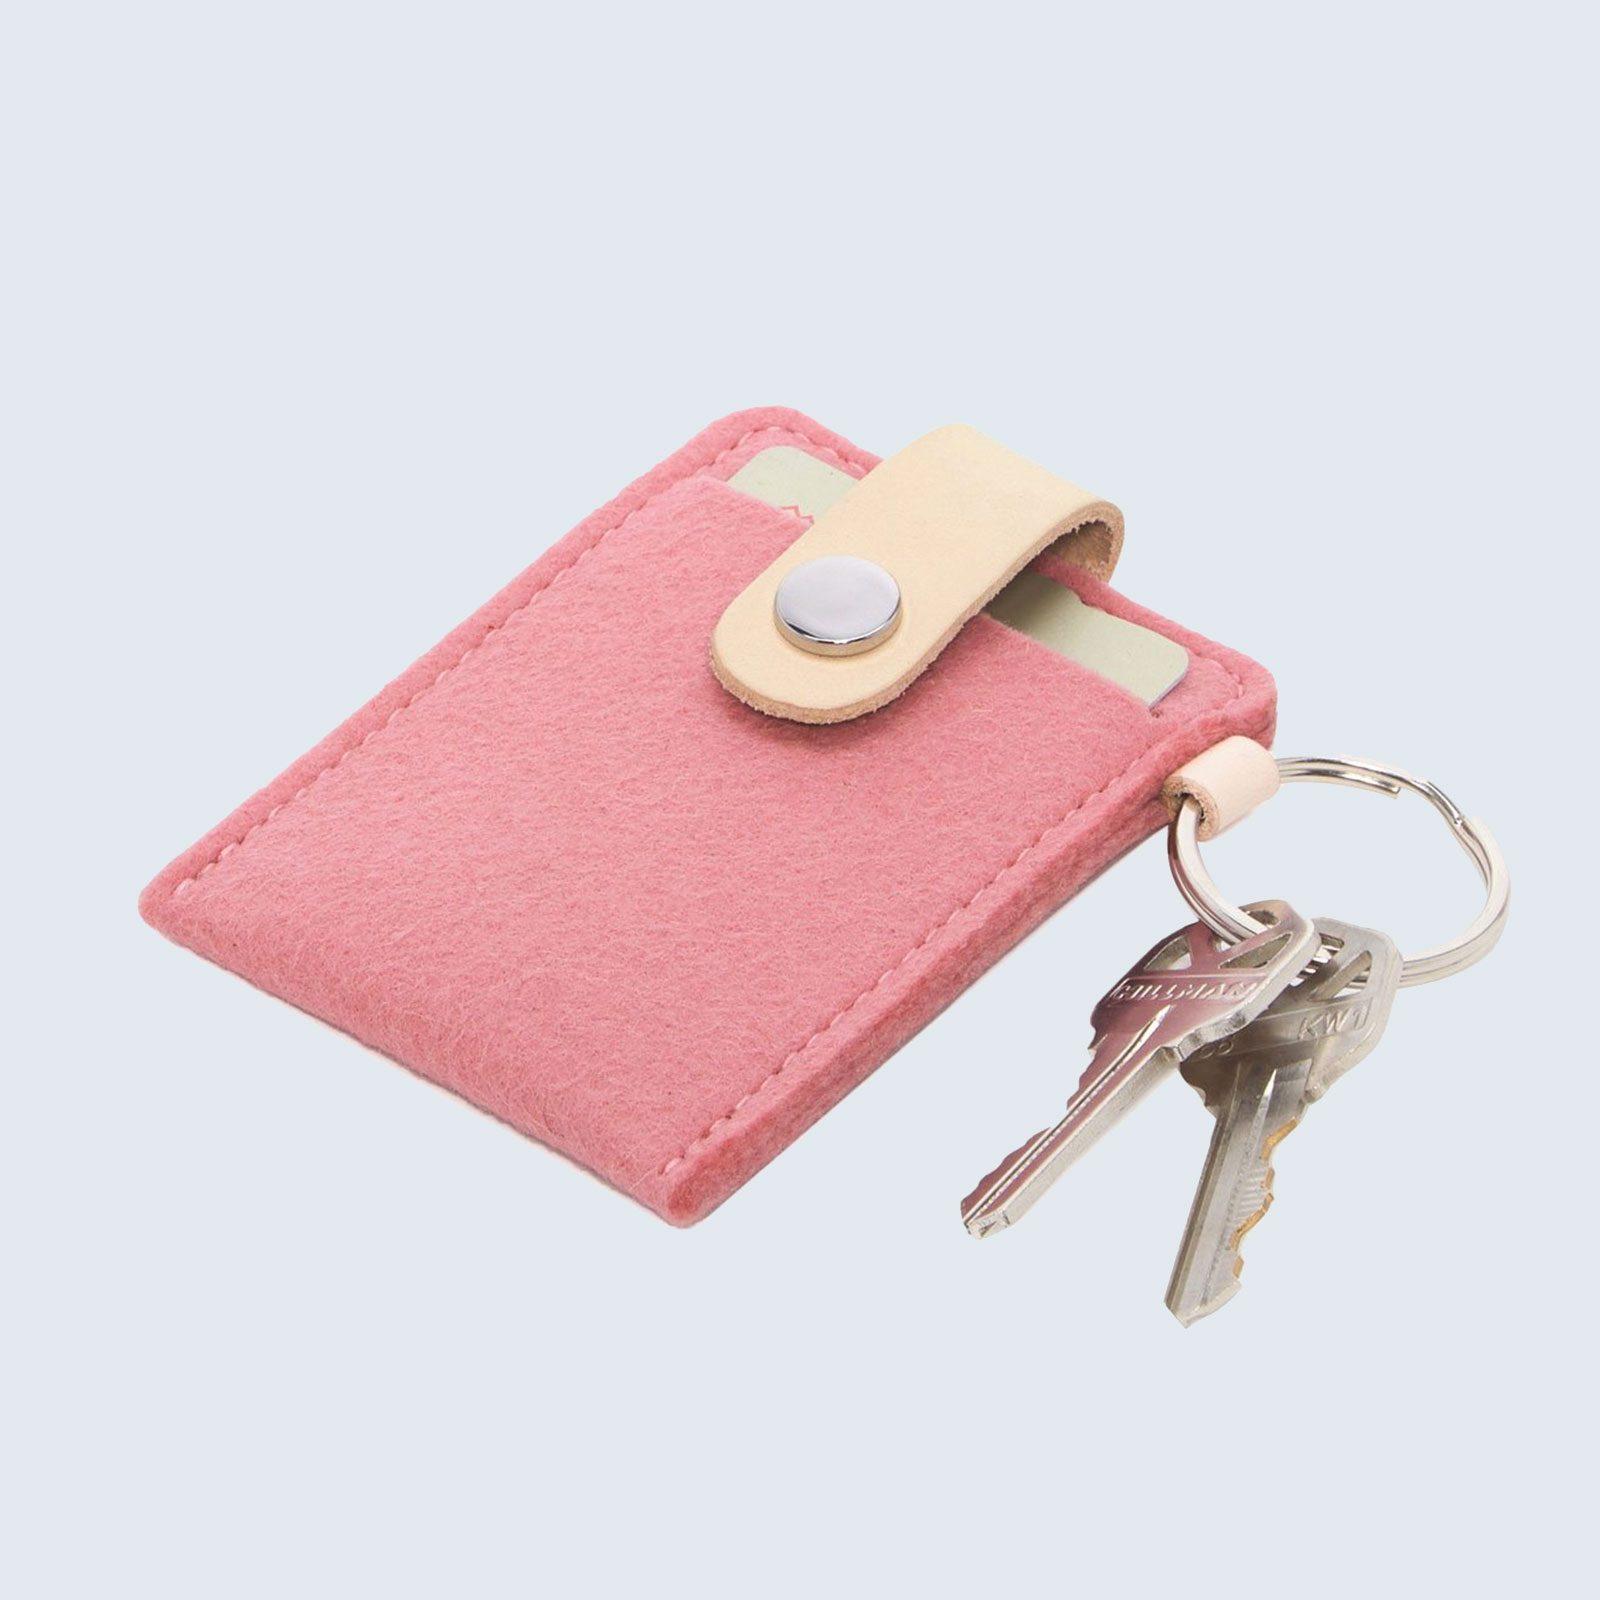 Graf Lantz Key Card Case Felt